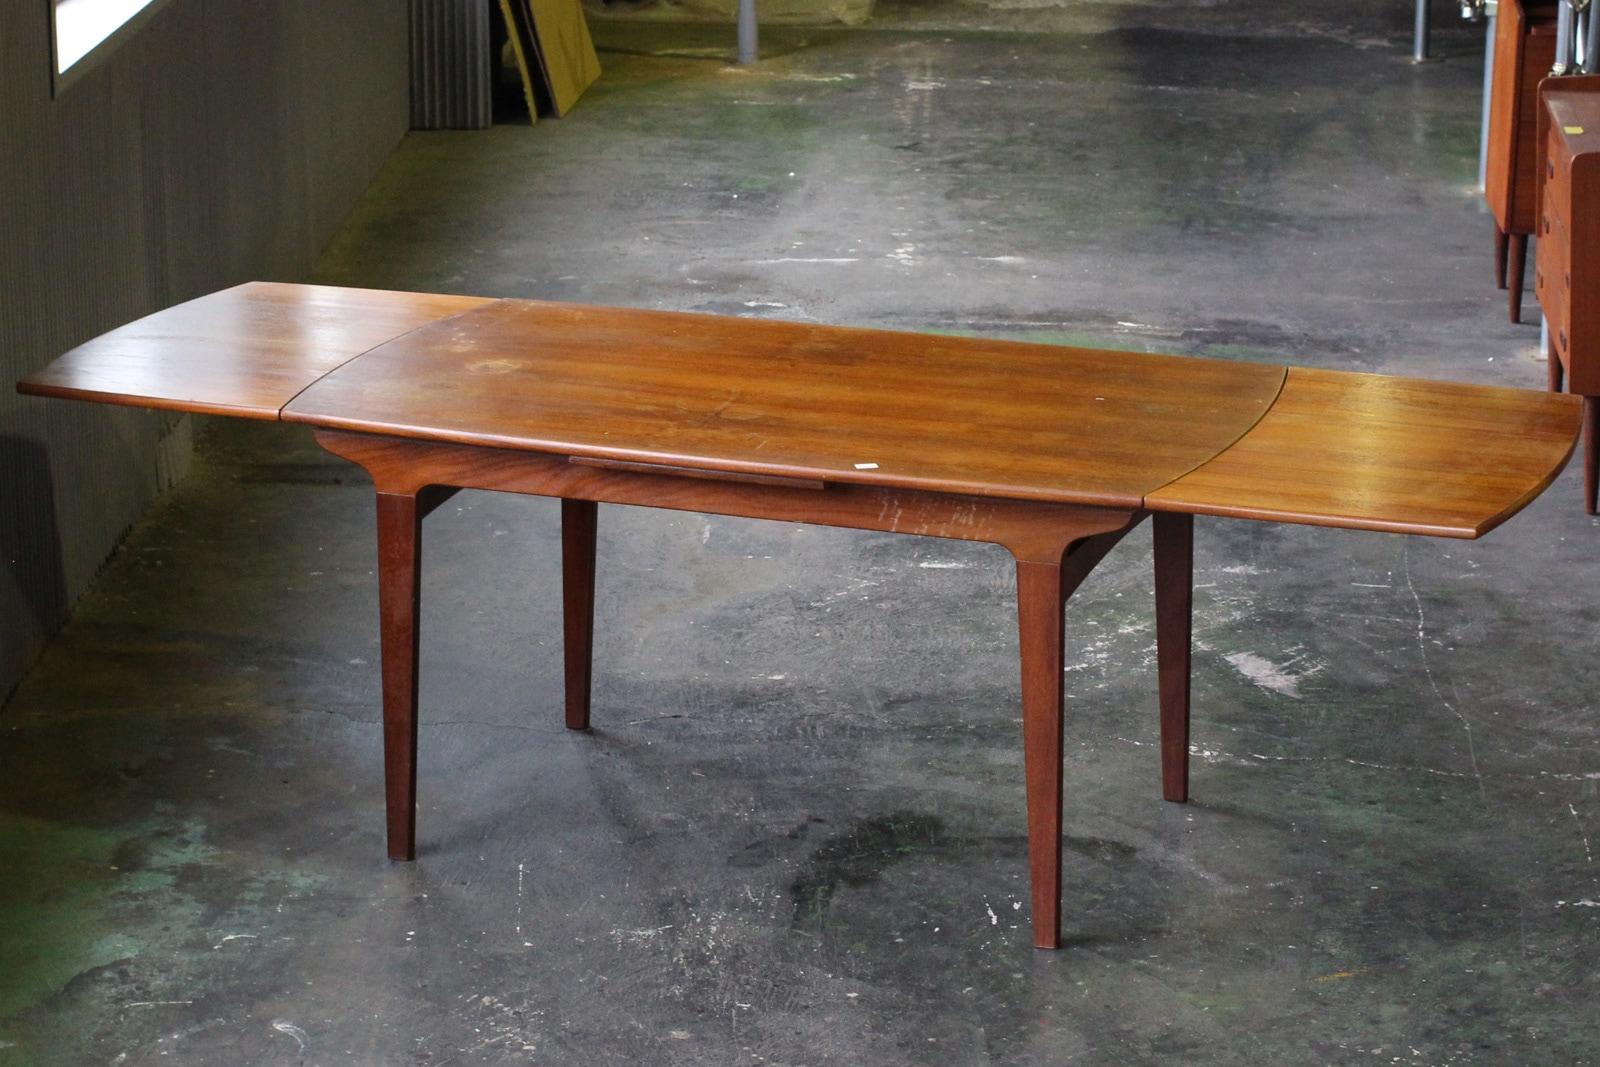 ヴィンテージ,北欧,家具,デンマーク,ダイニングテーブル,幅150cm